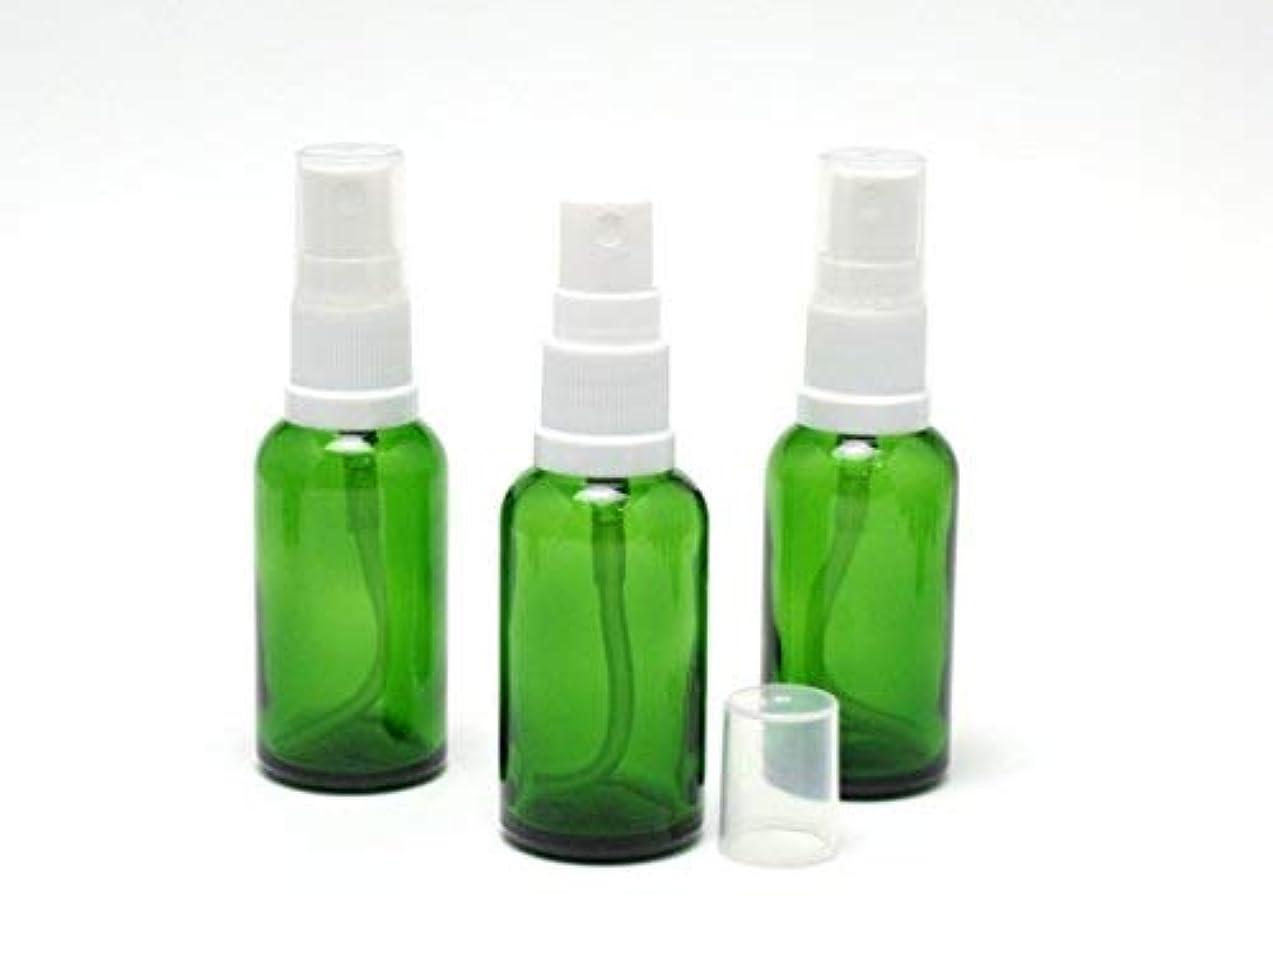 バレーボール退化する変換する遮光瓶 スプレーボトル (グラス/アトマイザー) 30ml グリーン/ホワイトヘッド 3本セット 【 新品アウトレットセール 】